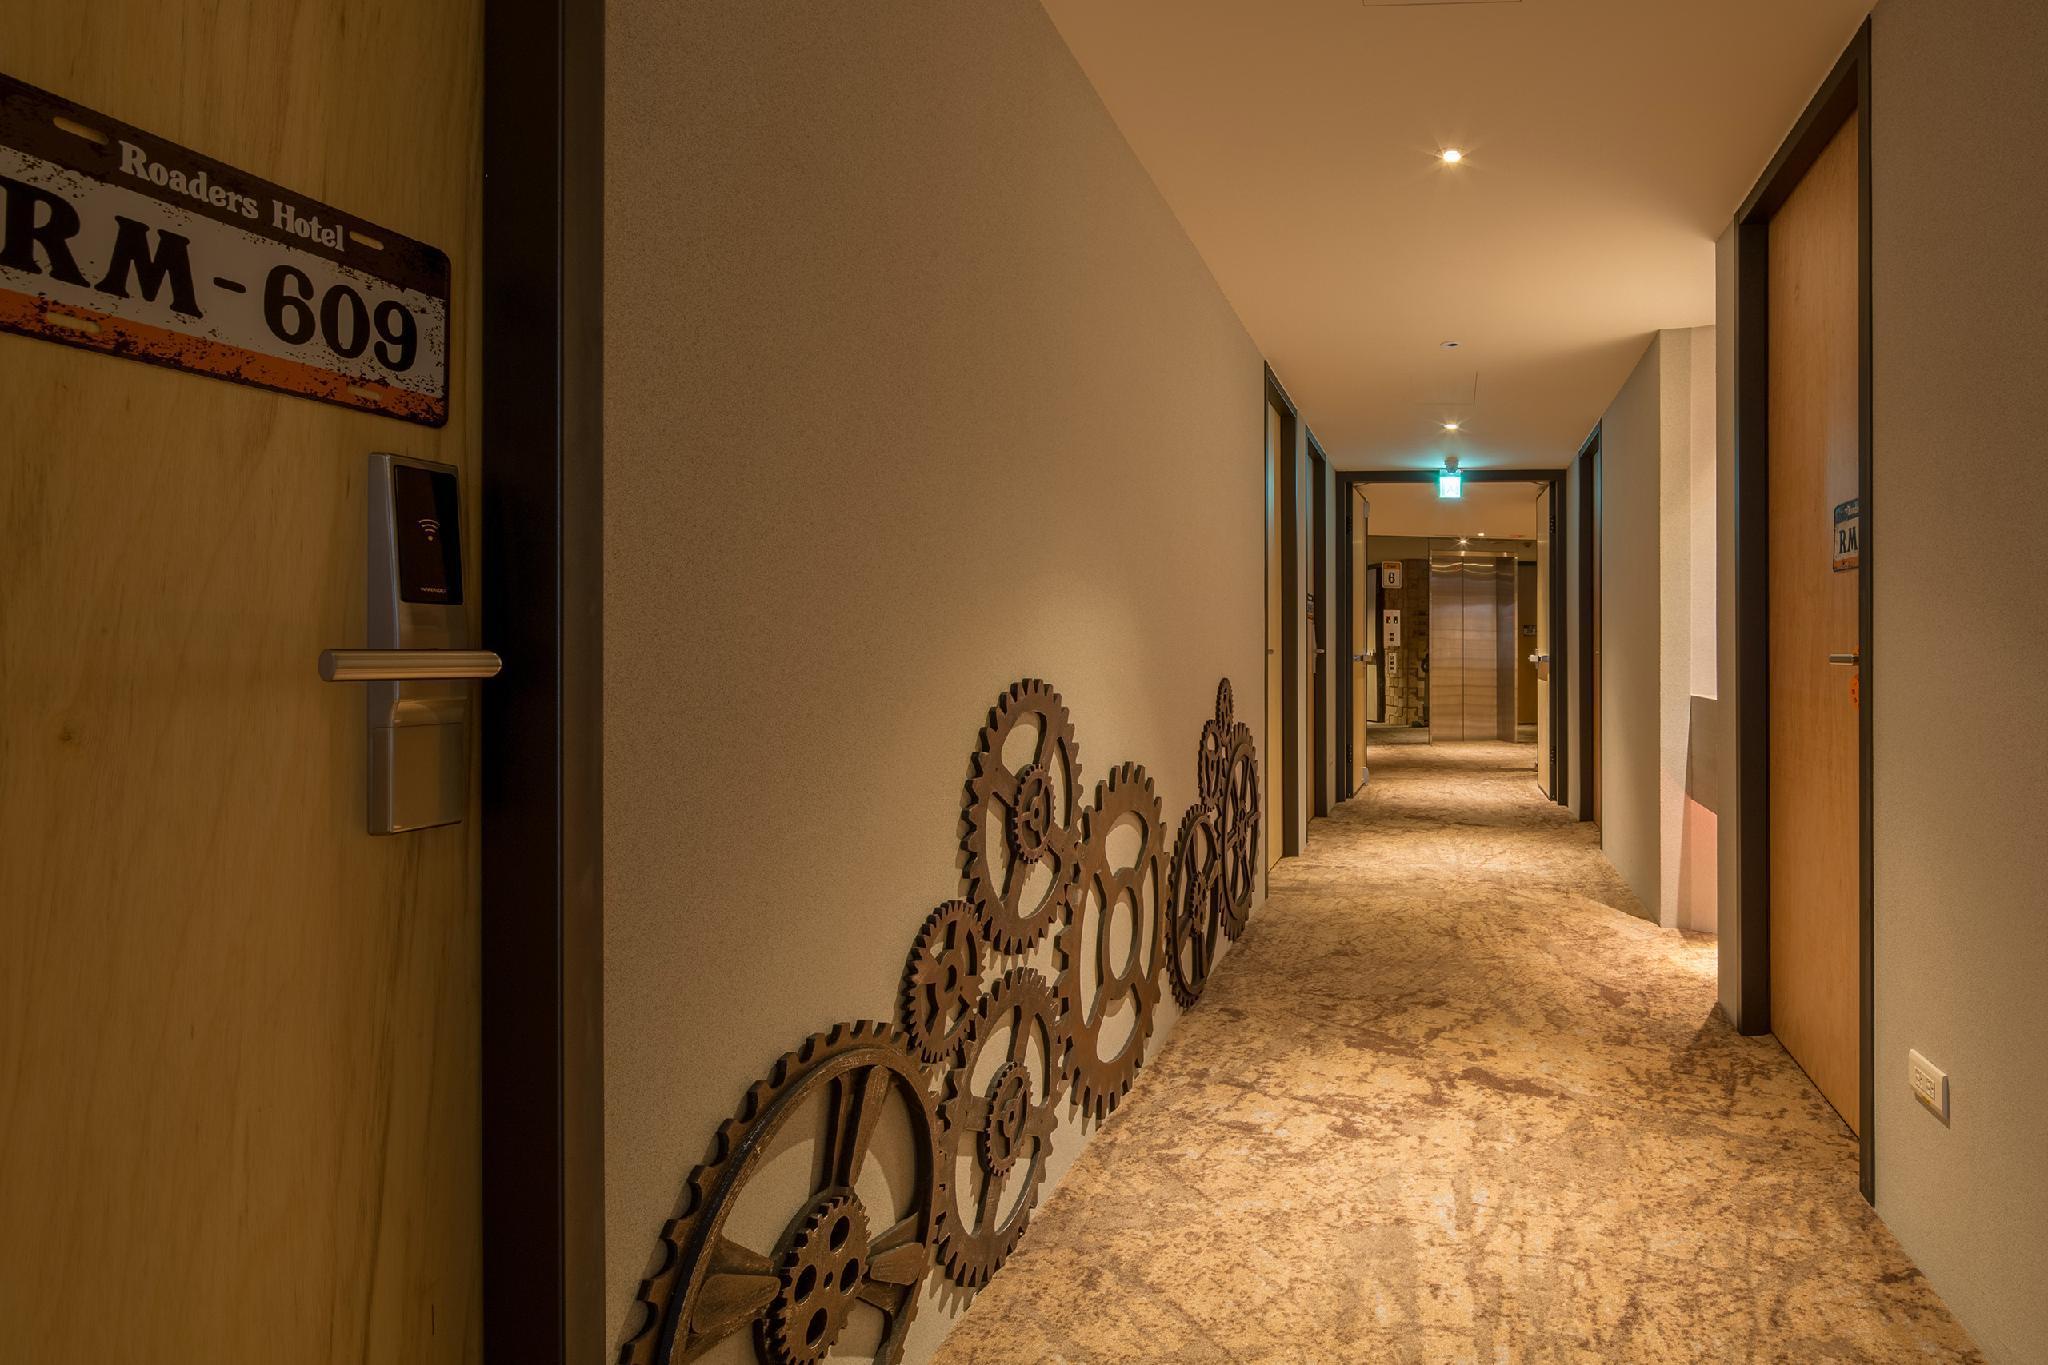 Roaders Hotel 4